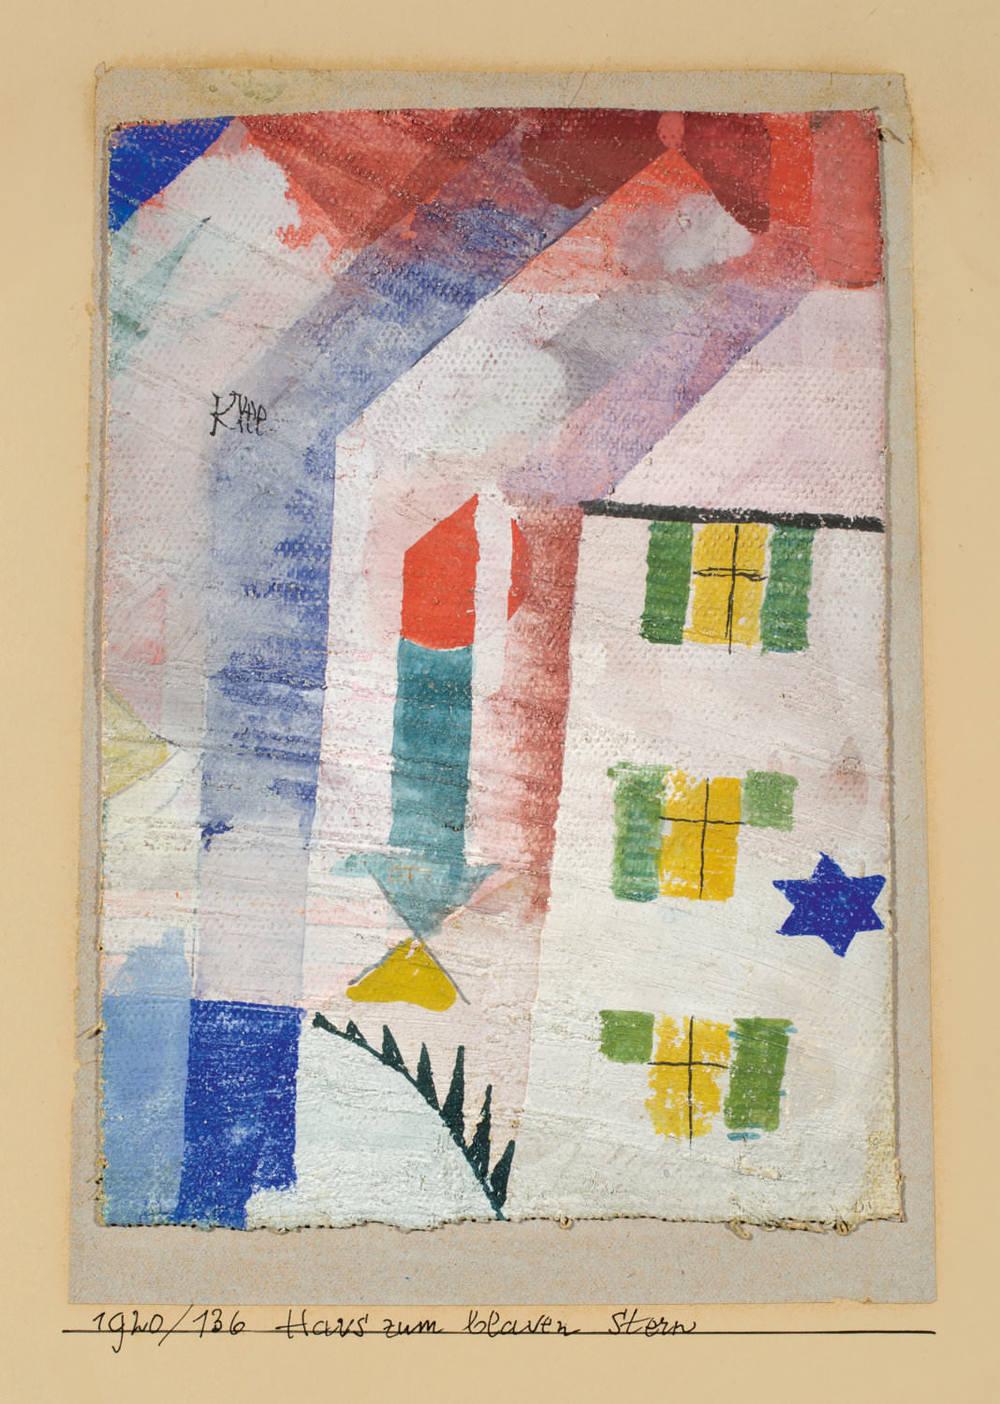 Paul Klee Das Haus zum blauen Stern, 1920, 136,Aquarell auf Grundierung auf Leinen auf Papier auf Karton,17.5 x 12.5 cm,Privatbesitz © Villa Grisebach Auktionen GmbH, Berlin